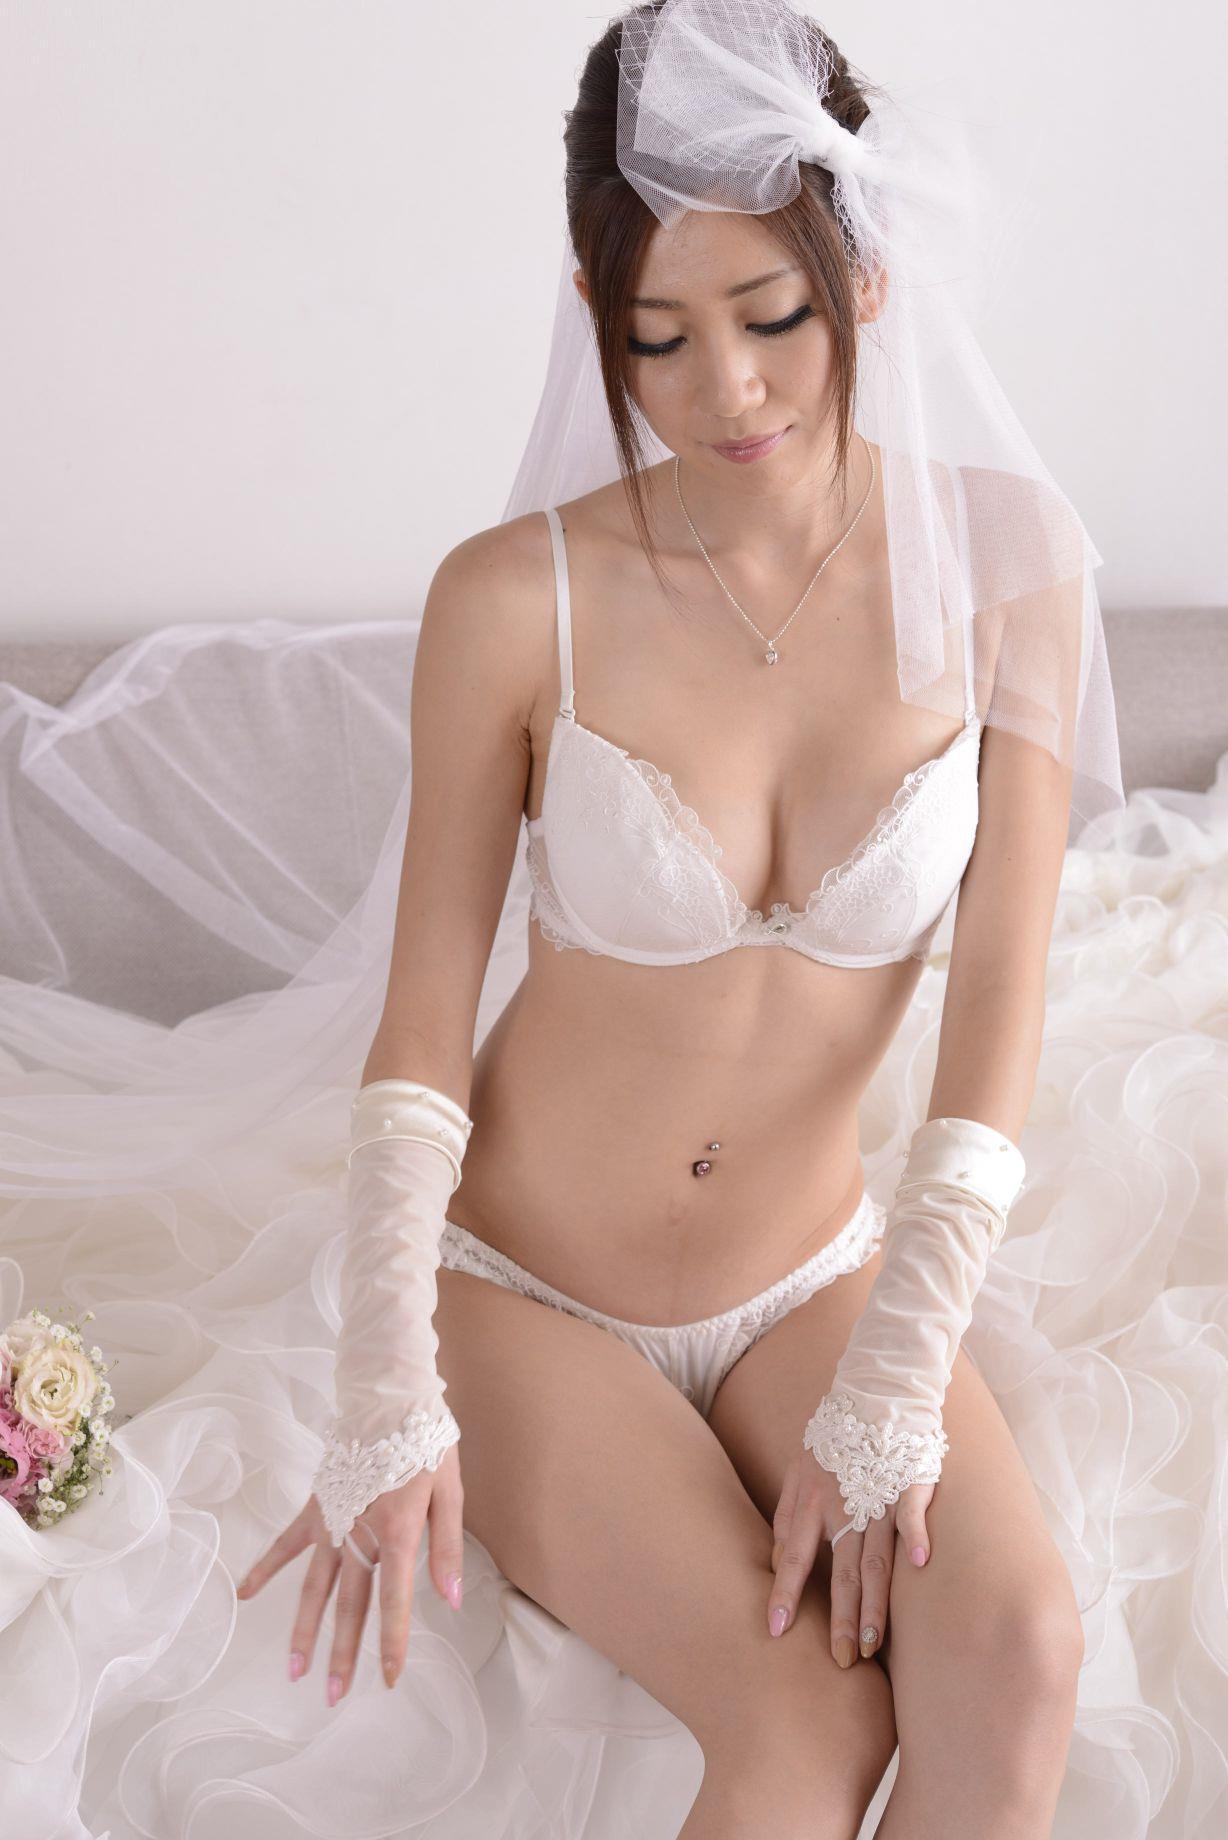 前田かおり ウェディングドレス画像 56